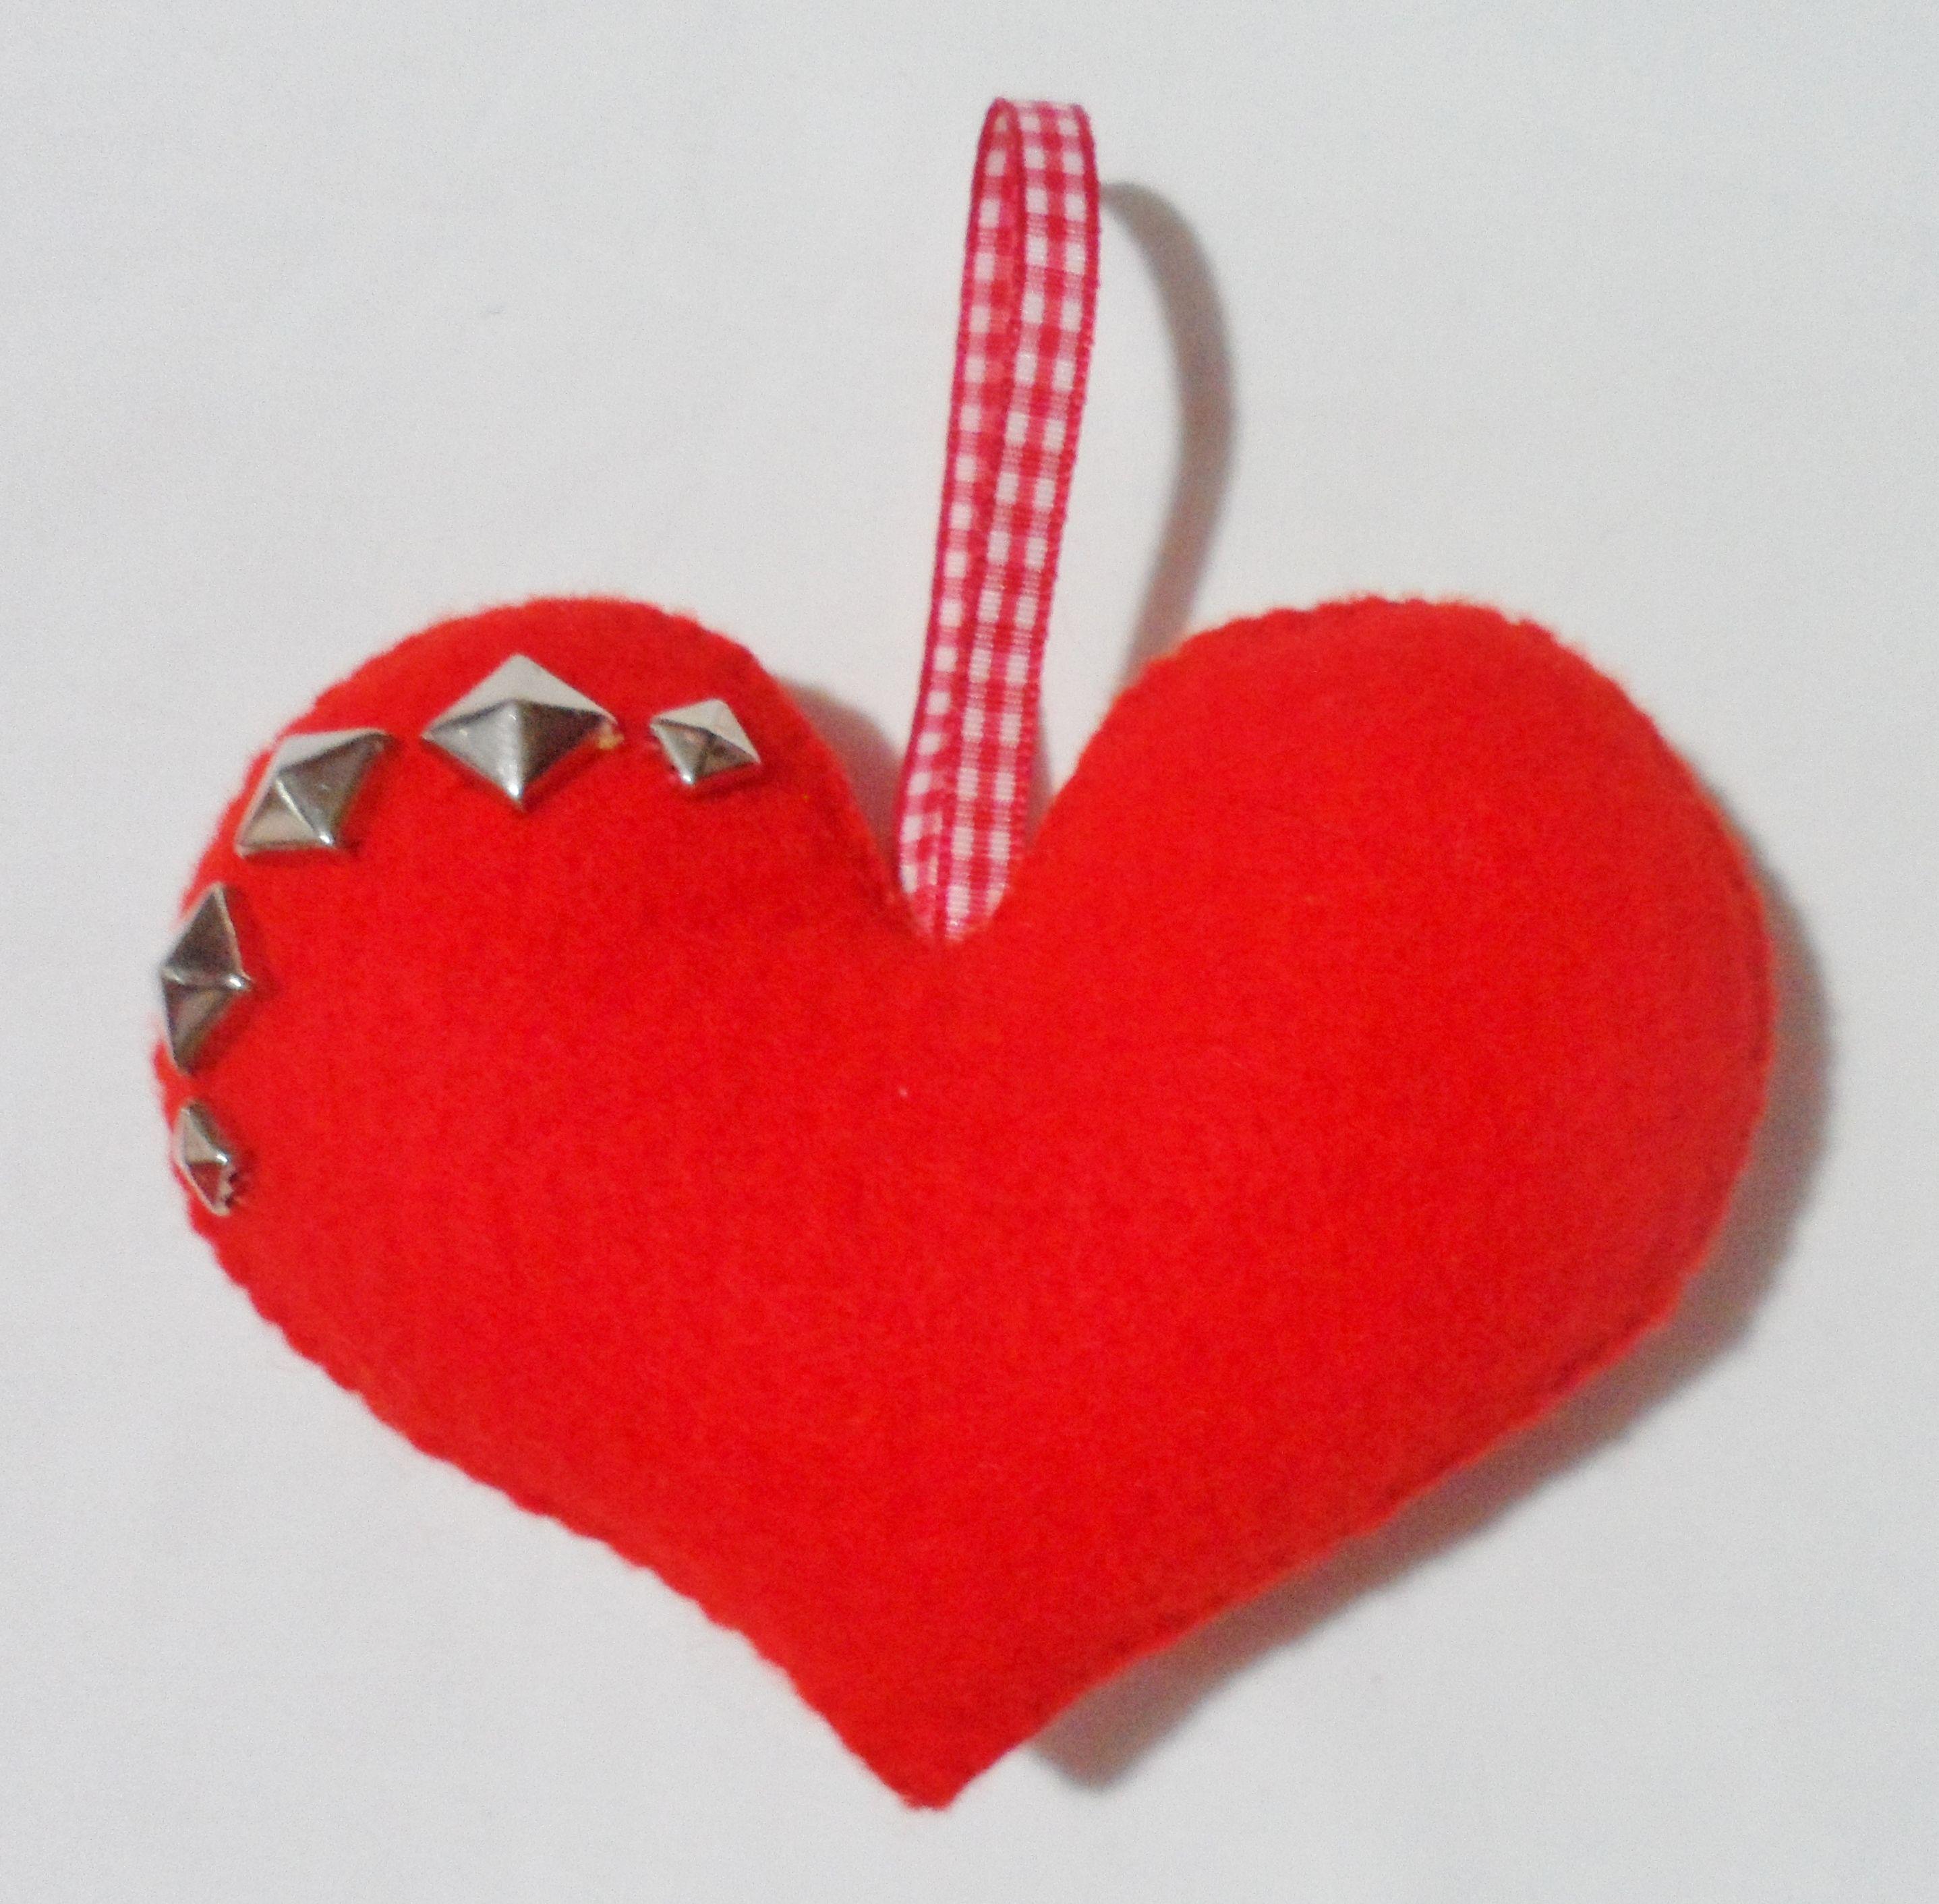 Lujoso Corazón Rojo Hilazas Patrones De Ganchillo Gratis Friso ...